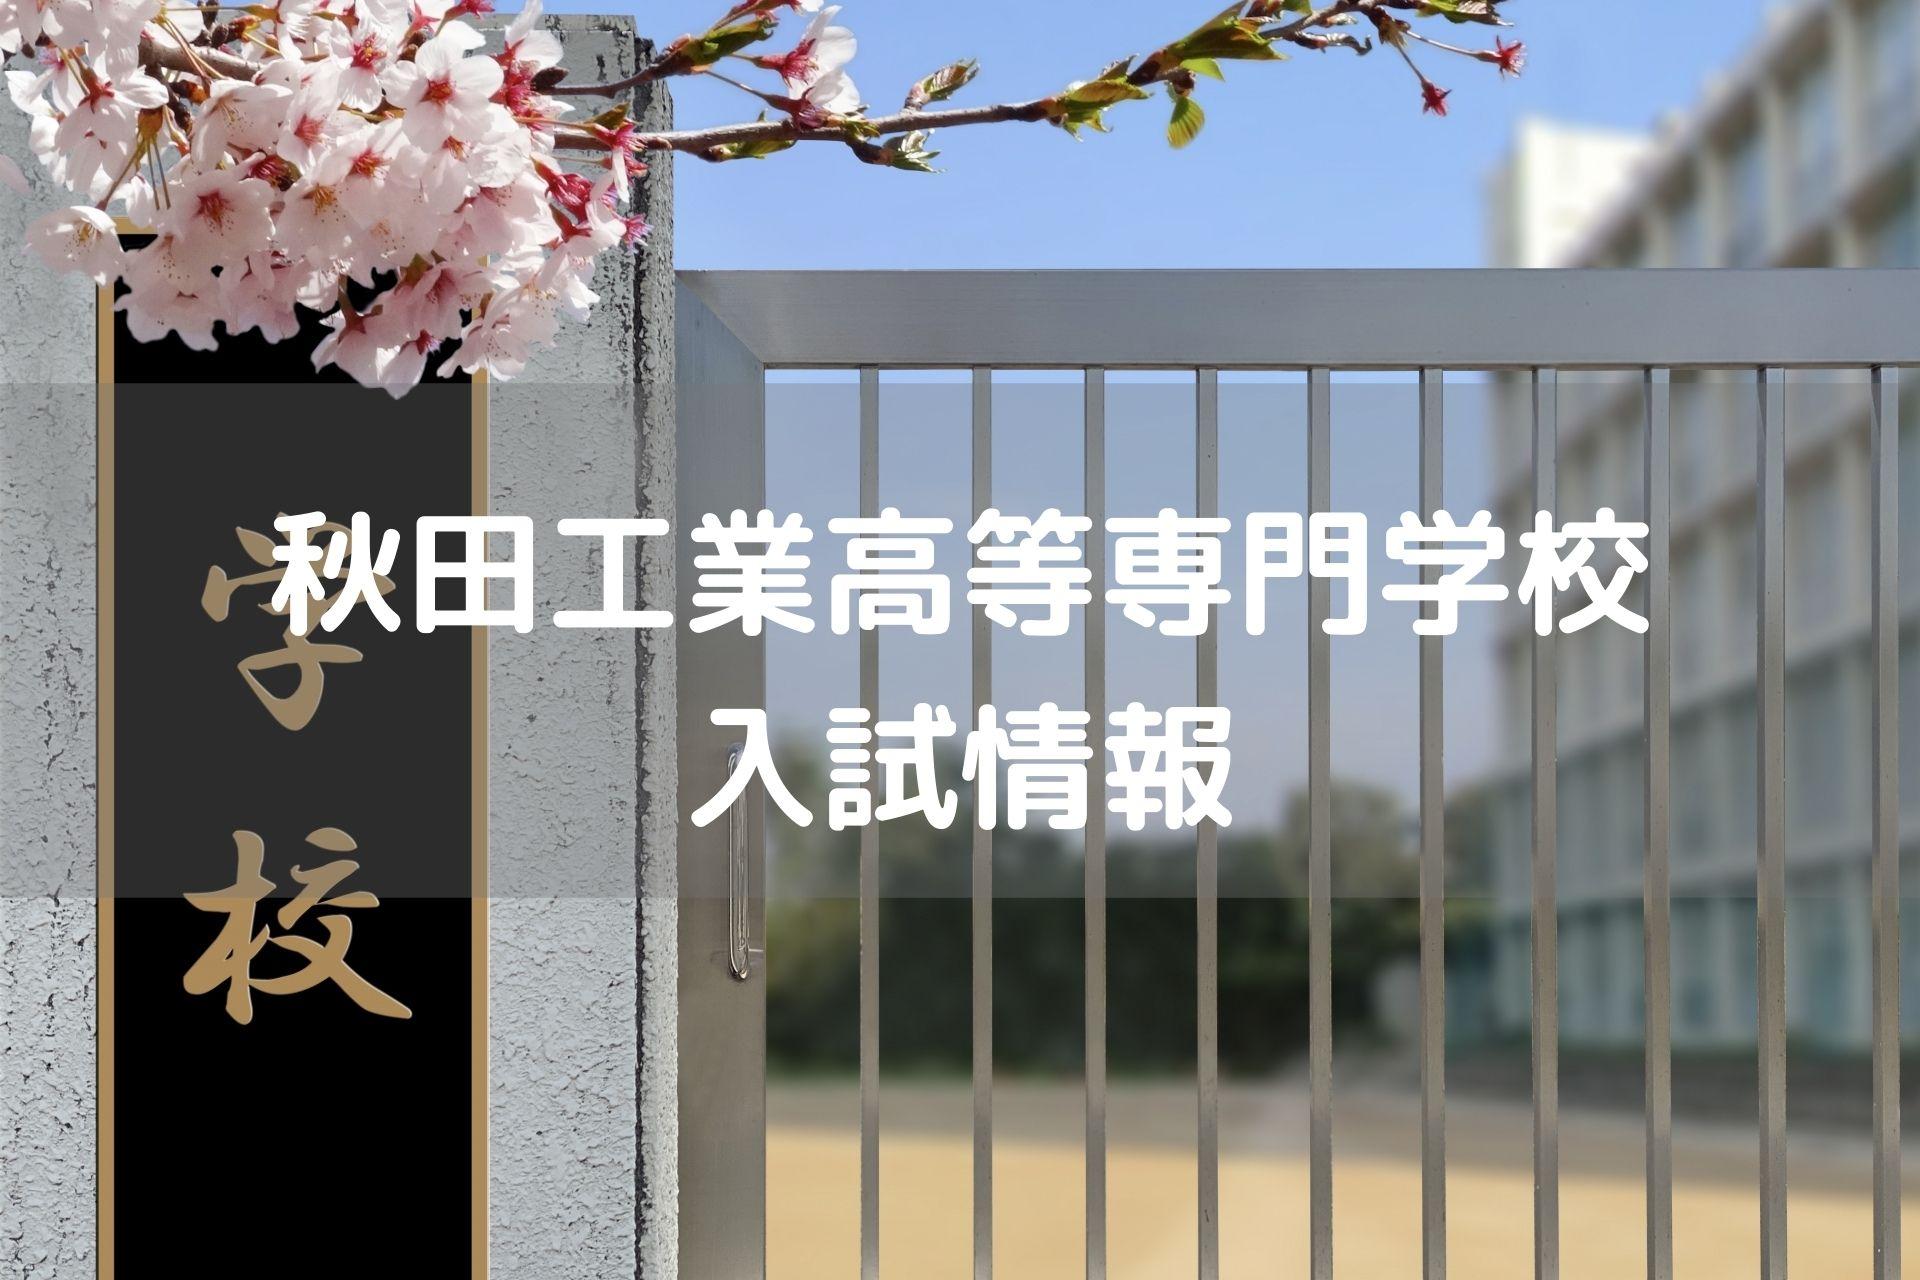 秋田高専の入試情報